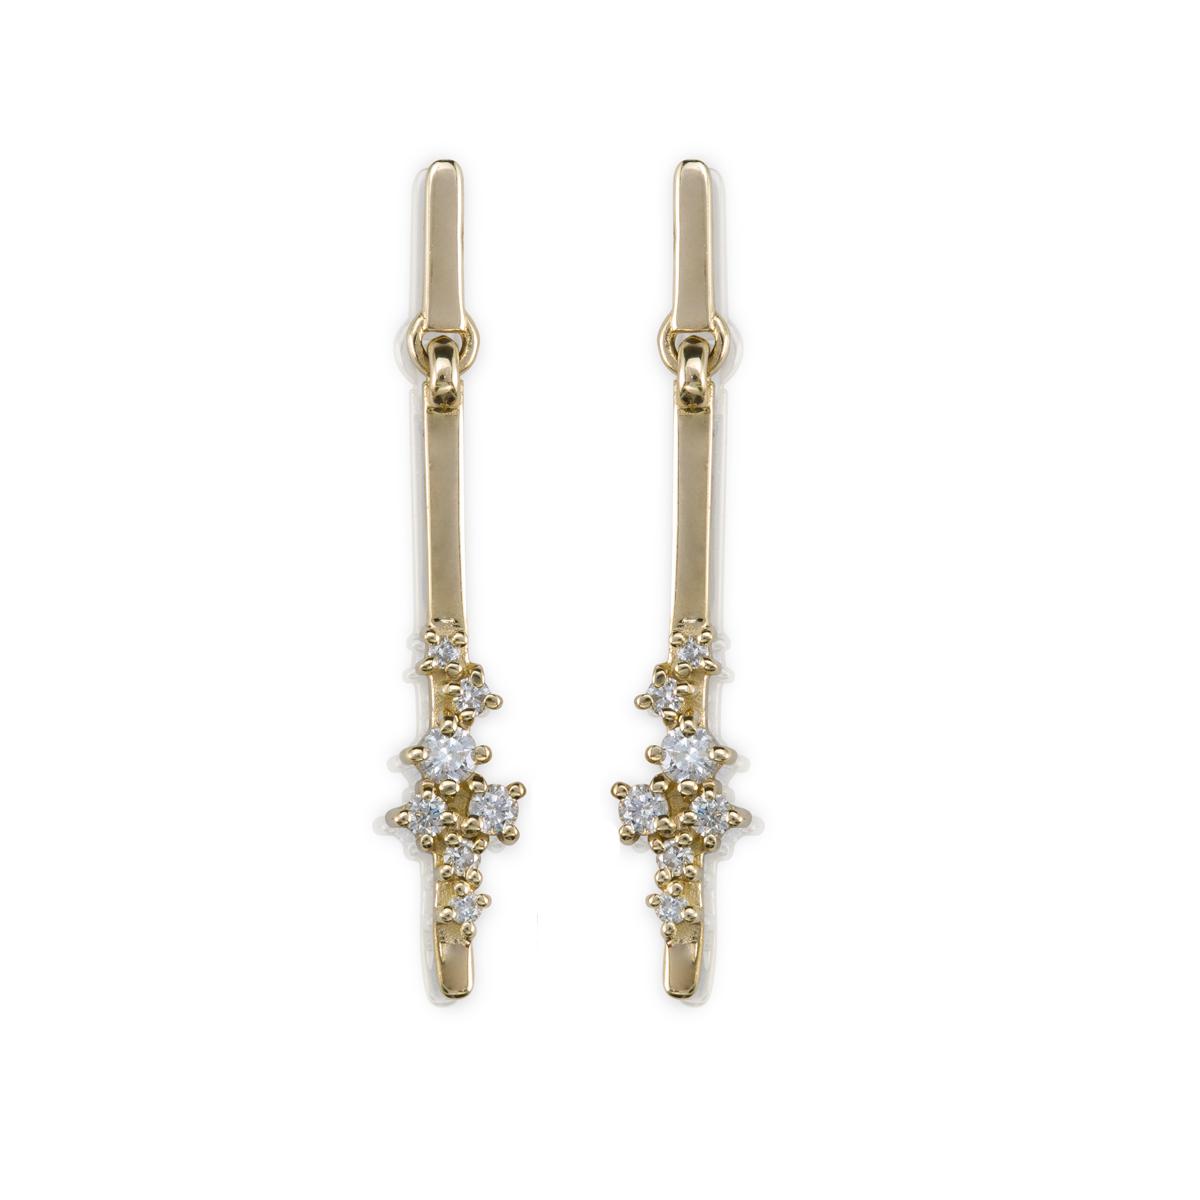 עגילי זהב צמודים מתנדנים משובצים יהלומים בגדלים משתנים